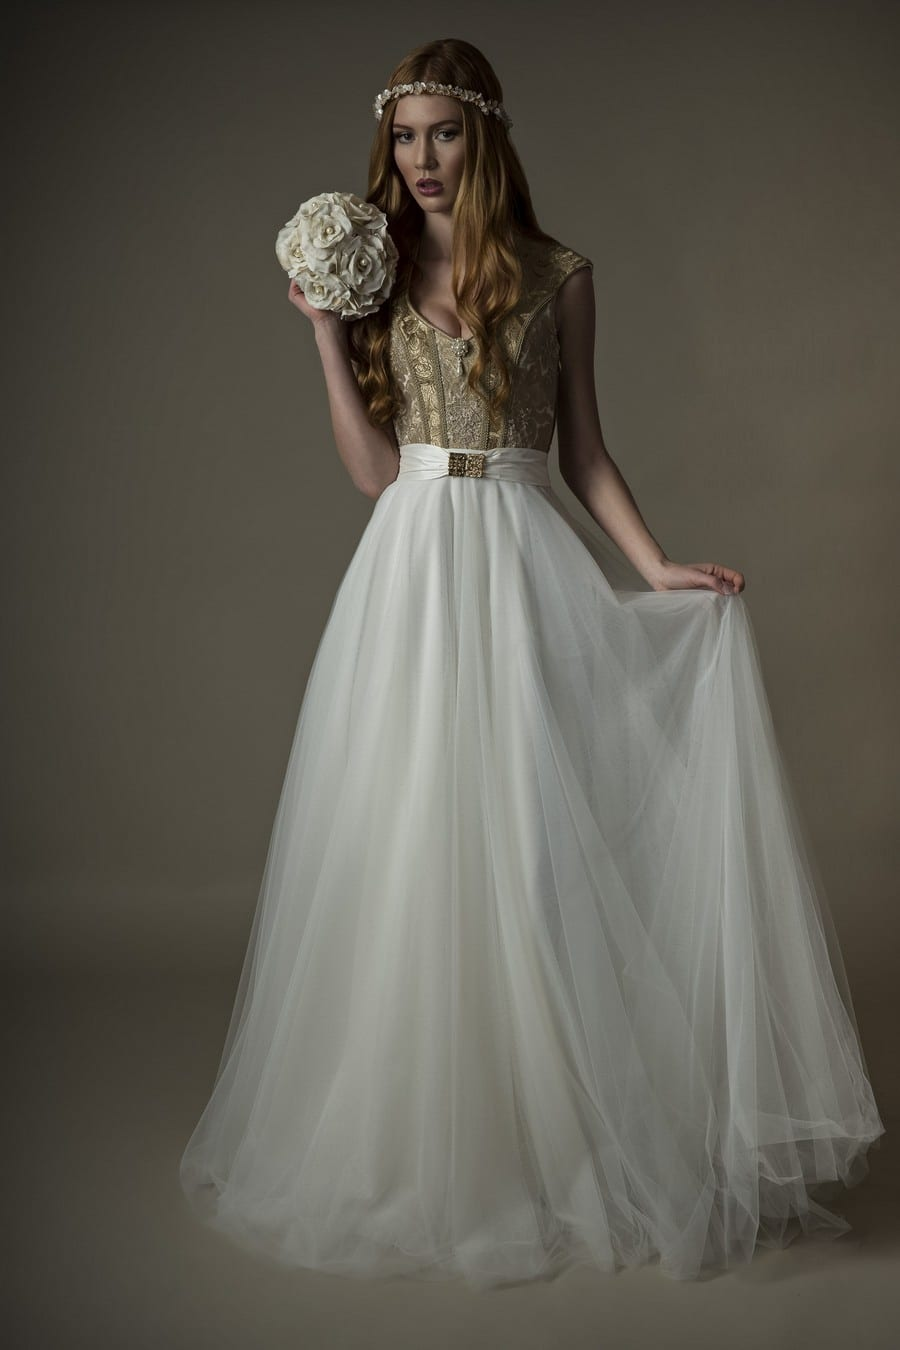 Exklusives Braut-Dirndl mit Brokat in Gold und Weiß im Vintage-Design